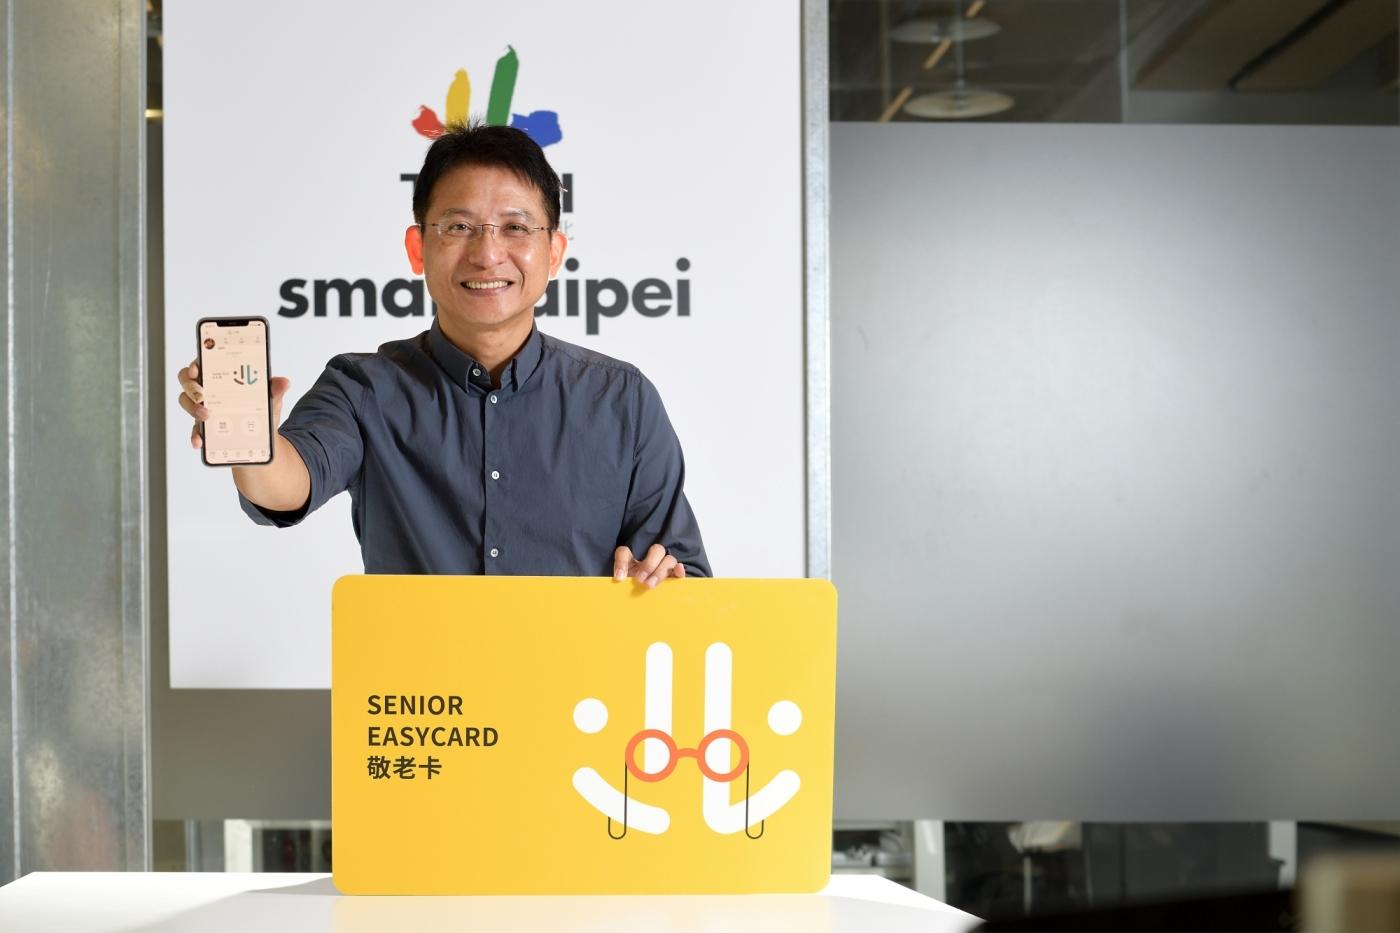 最佳數位鑰匙~台北通TaipeiPASS  開通你的智慧城市生活!